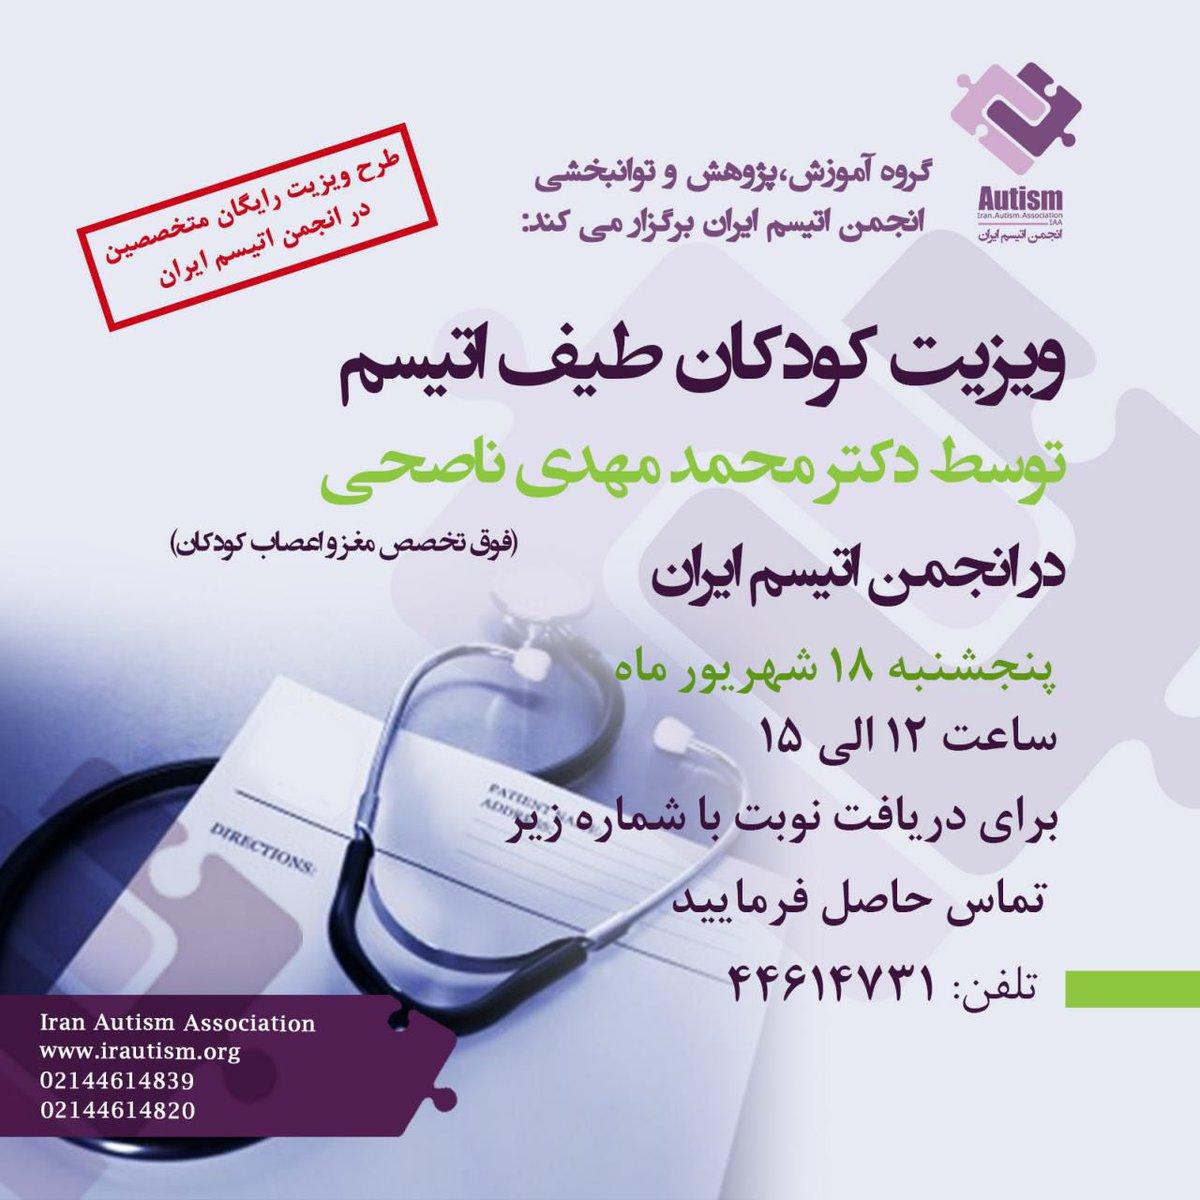 طرح ویزیت رایگان کودکان اتیسم در انجمن اتیسم ایران